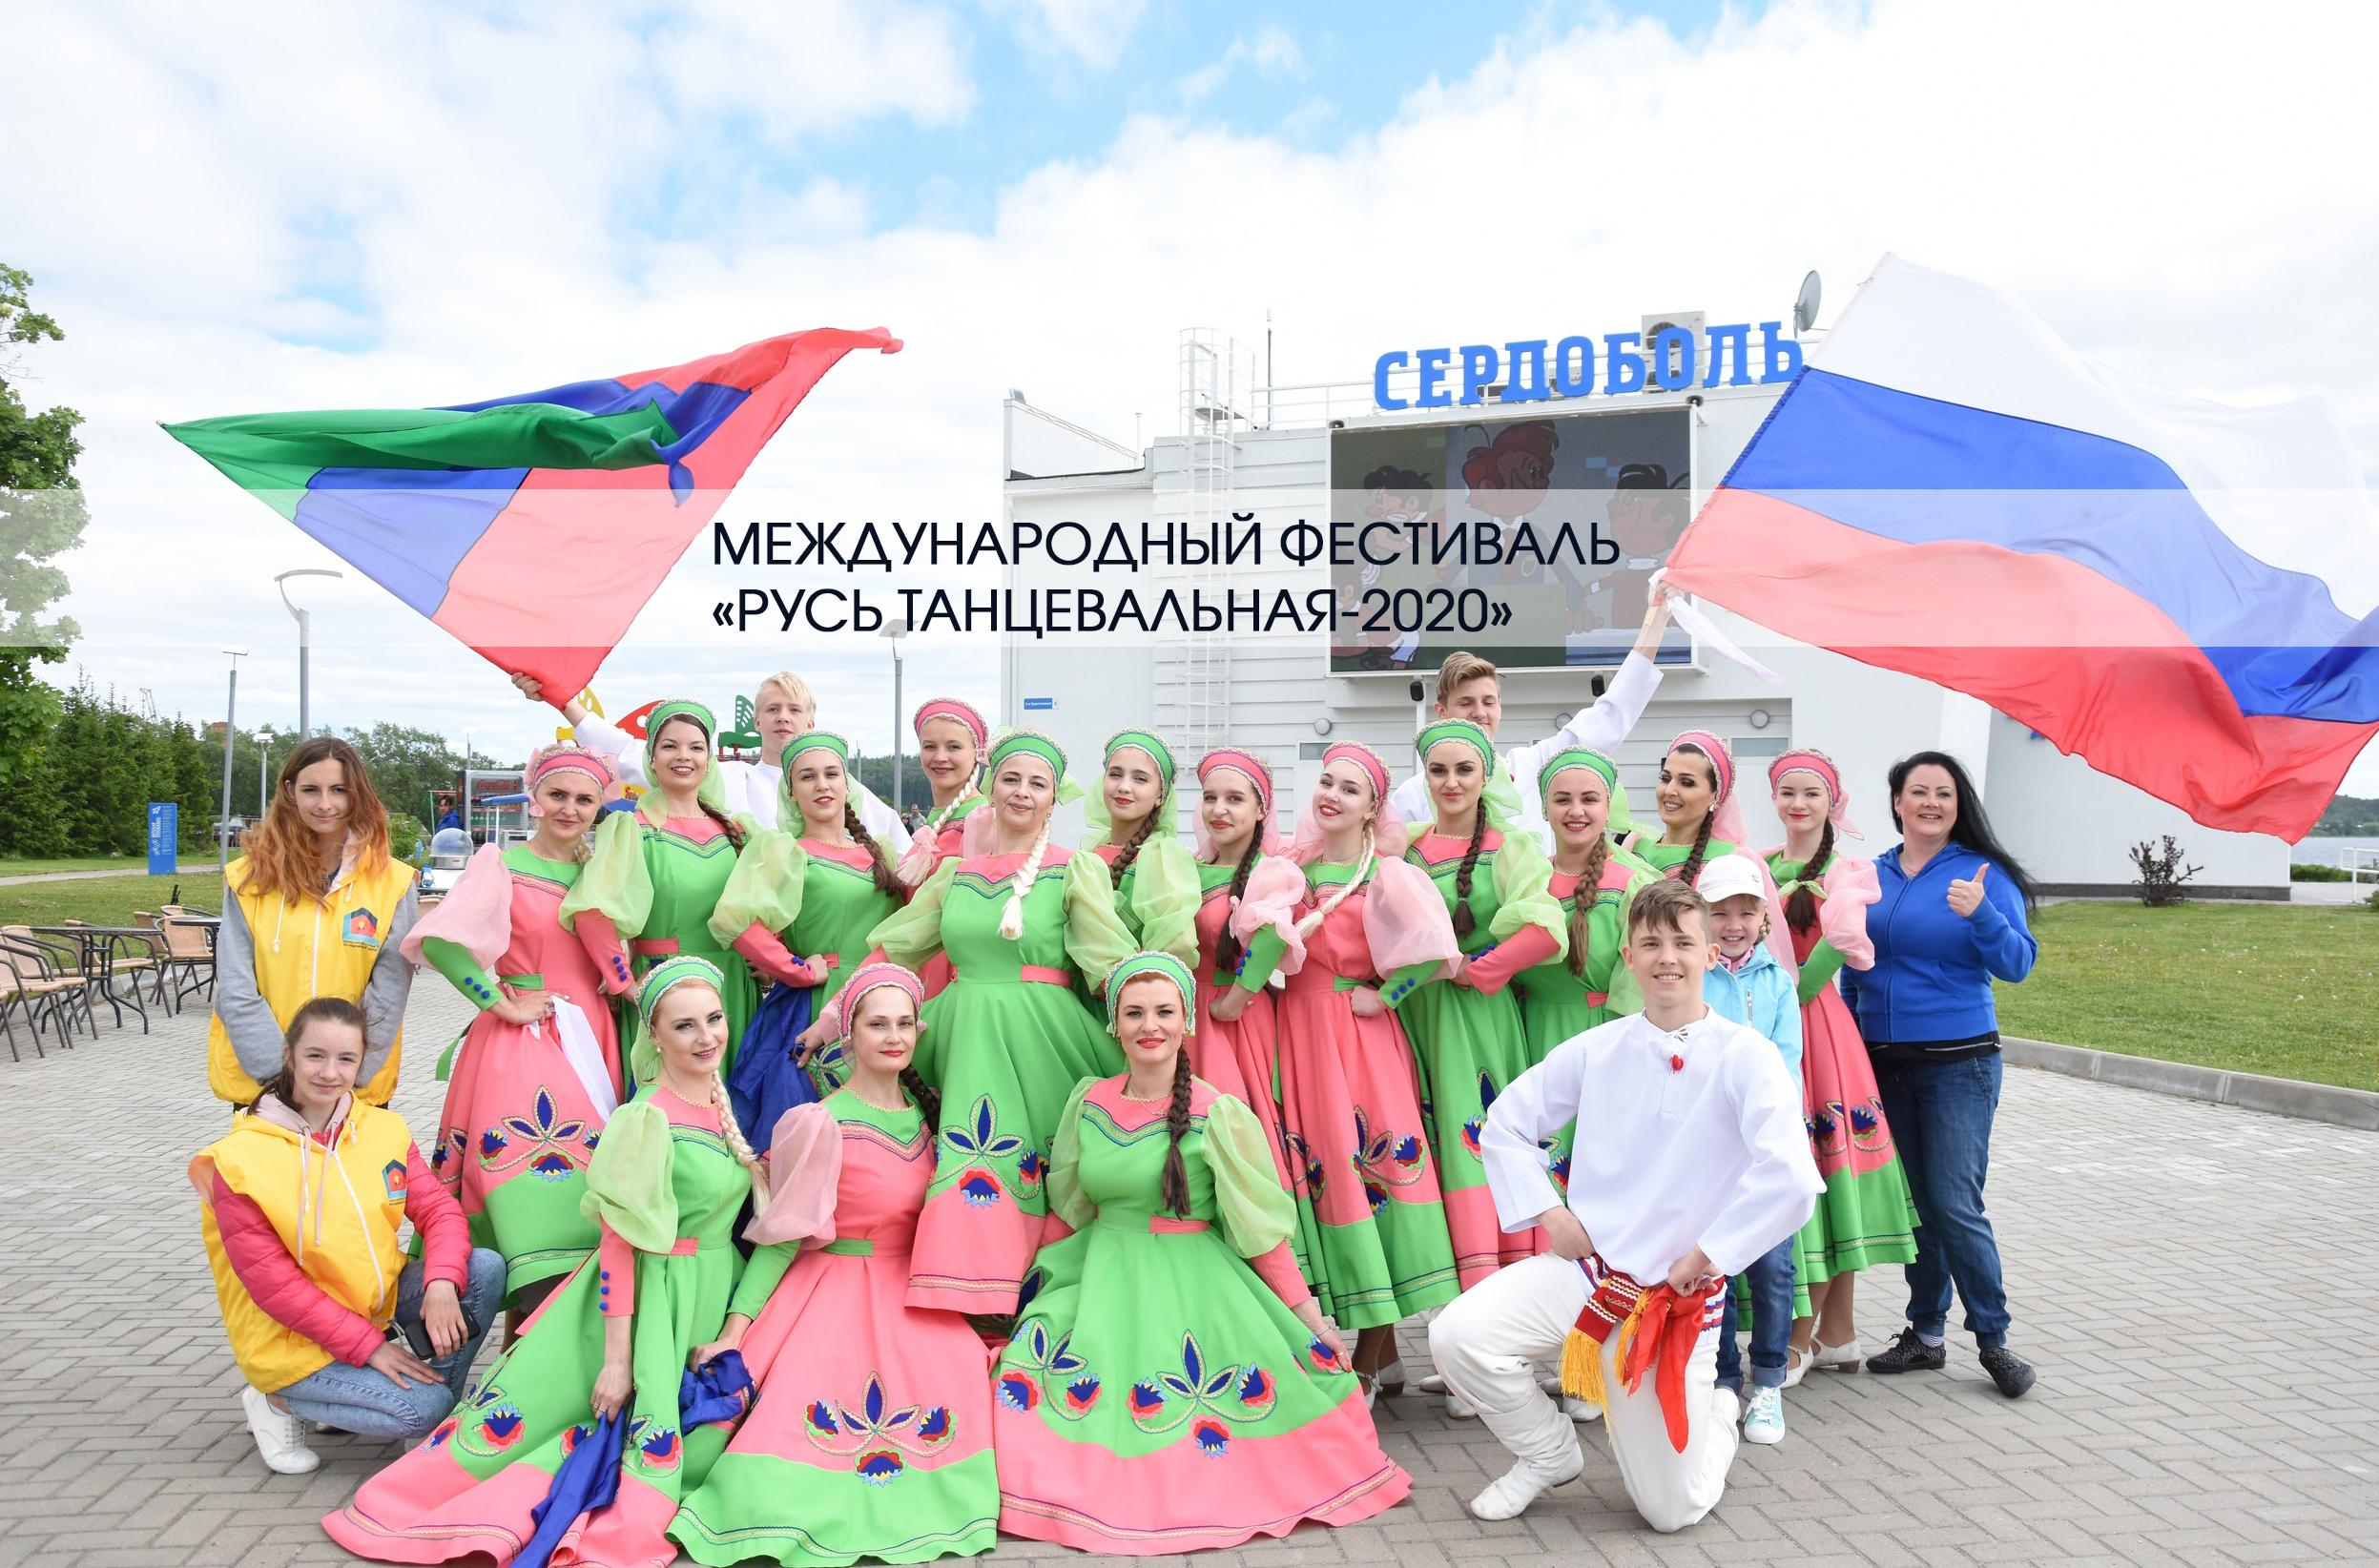 <p>От народности к единству – Россия станцует со всем Миром Проект под названием «Русь танцевальная», в котором молодёжь из разных уголков страны ежегодно объединяется, чтобы поздравить свою Родину с её главным праздником, существует уже более 5-ти лет. Сортавала второй год участвует во флешмобе. В этом году ансамбль народного танца «Марья», […]</p>